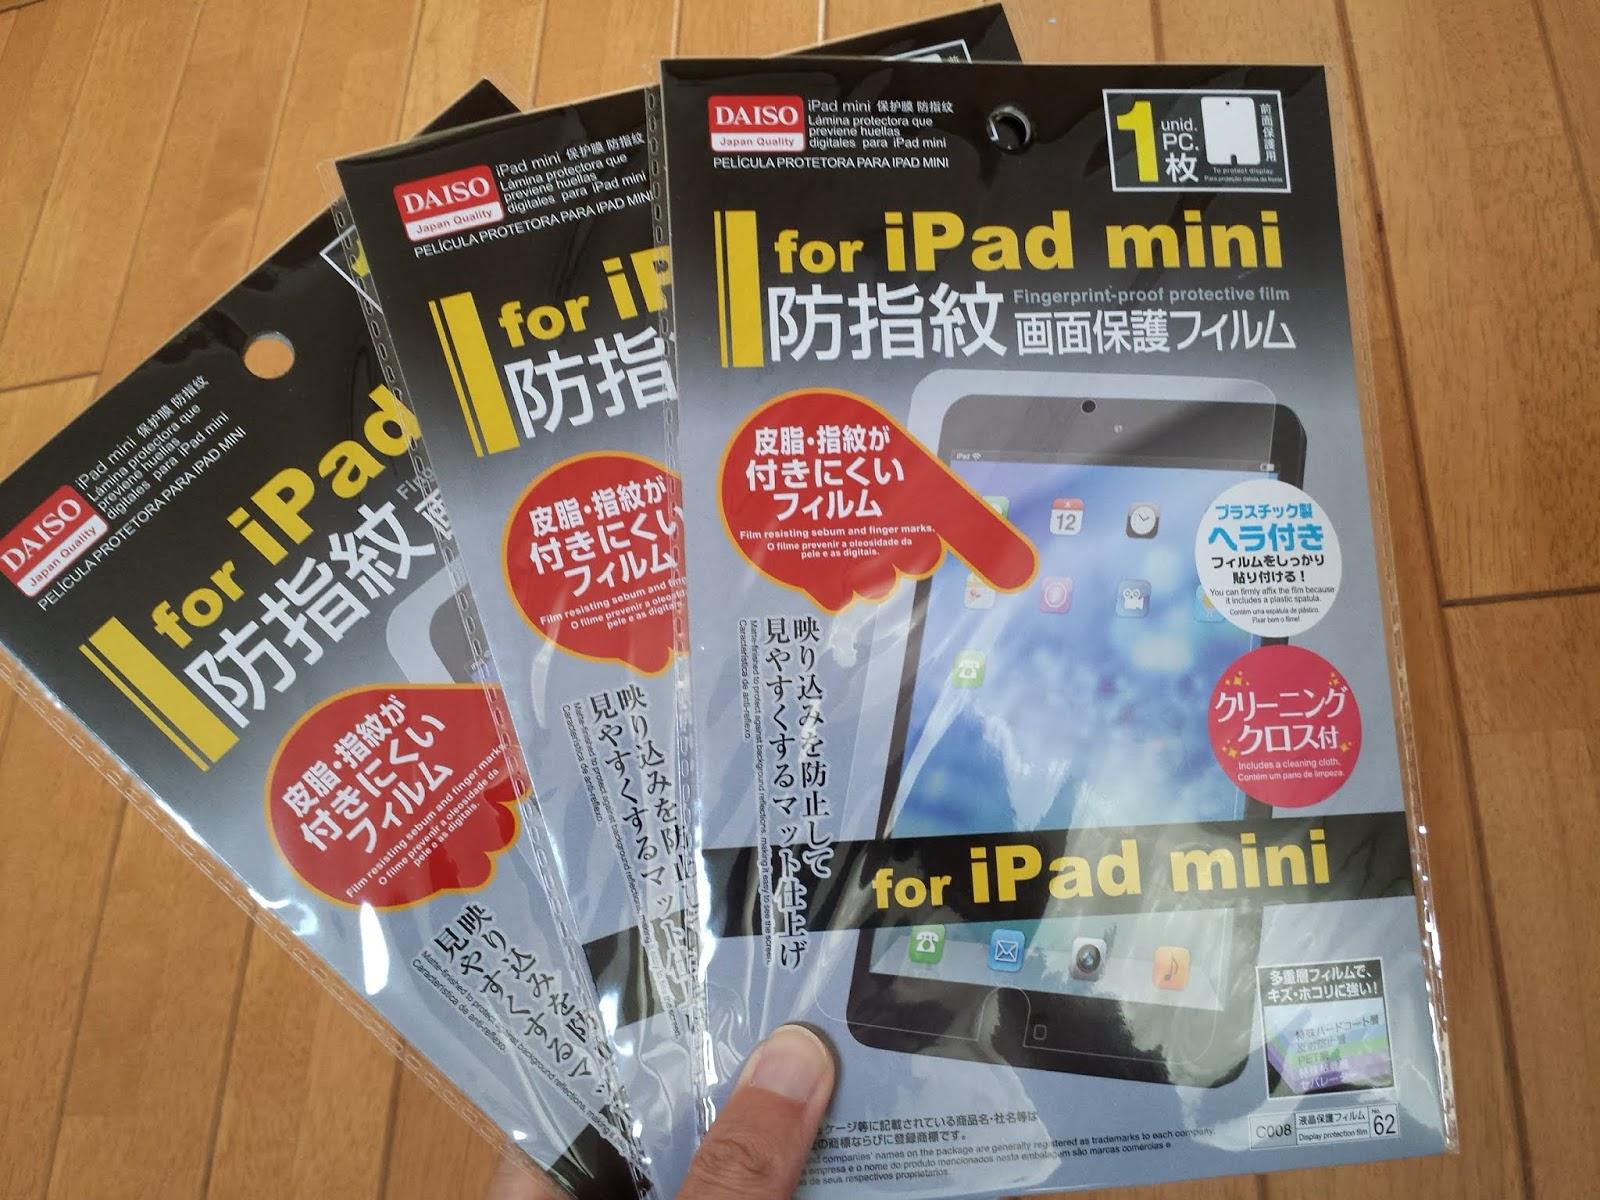 ダイソー iPad mini用液晶保護フィルムを購入